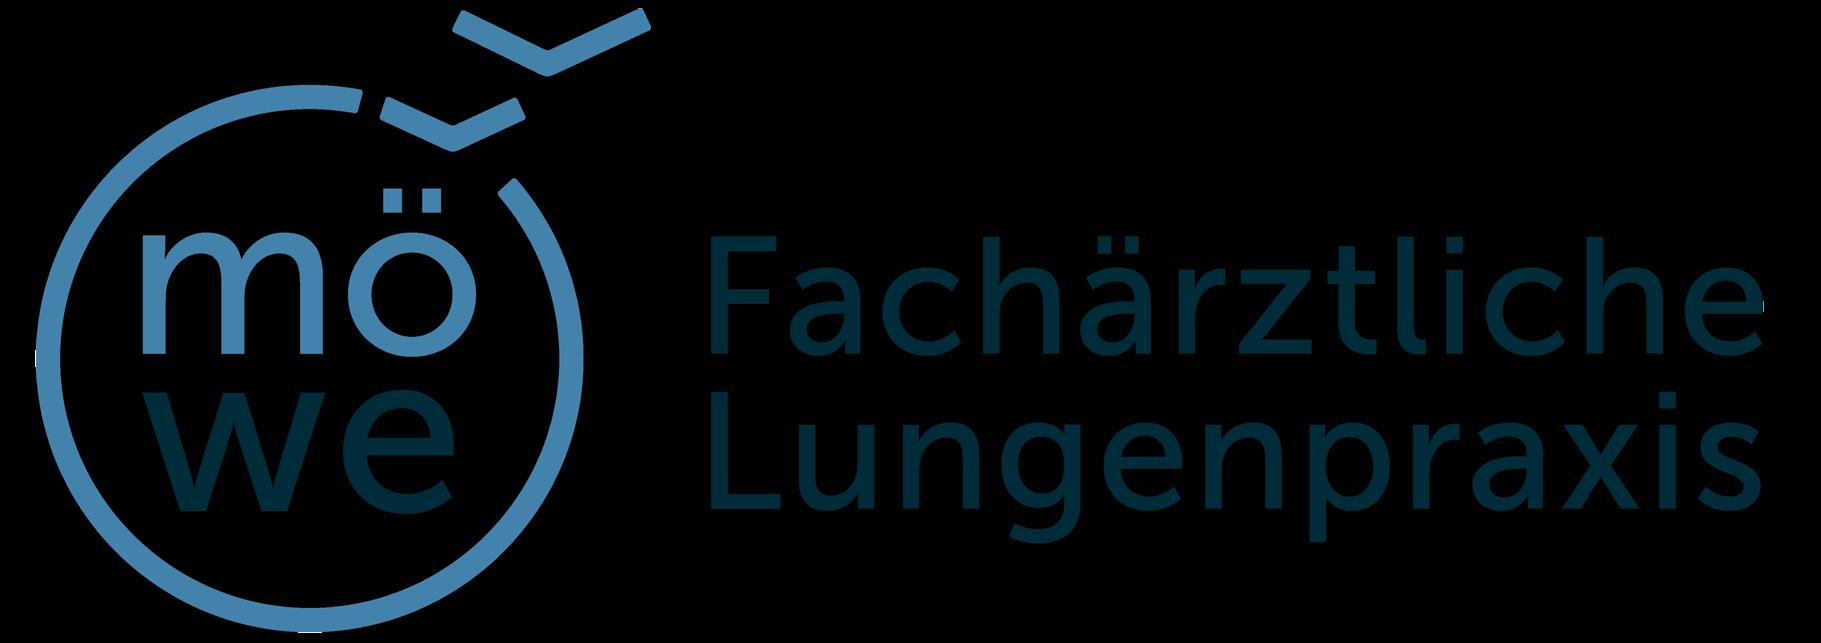 Fachärztliche Lungenpraxis MöWe